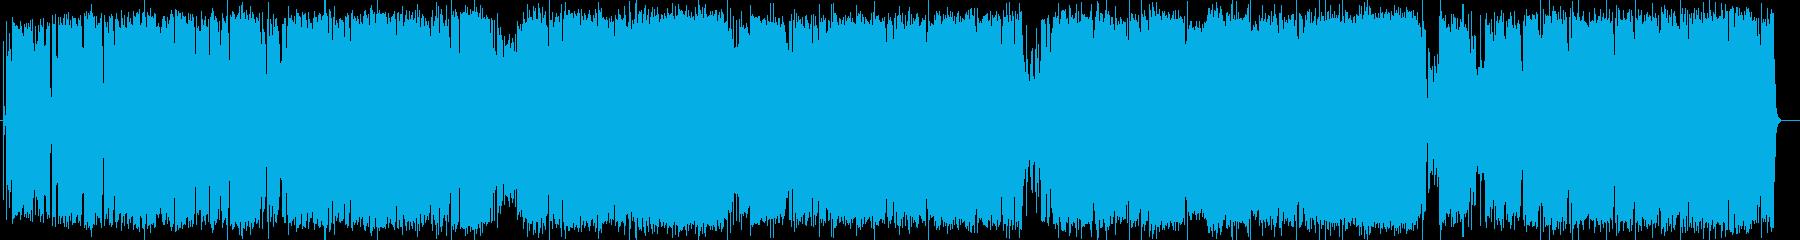 英語洋楽:明るく切ない軽快リズムのロックの再生済みの波形